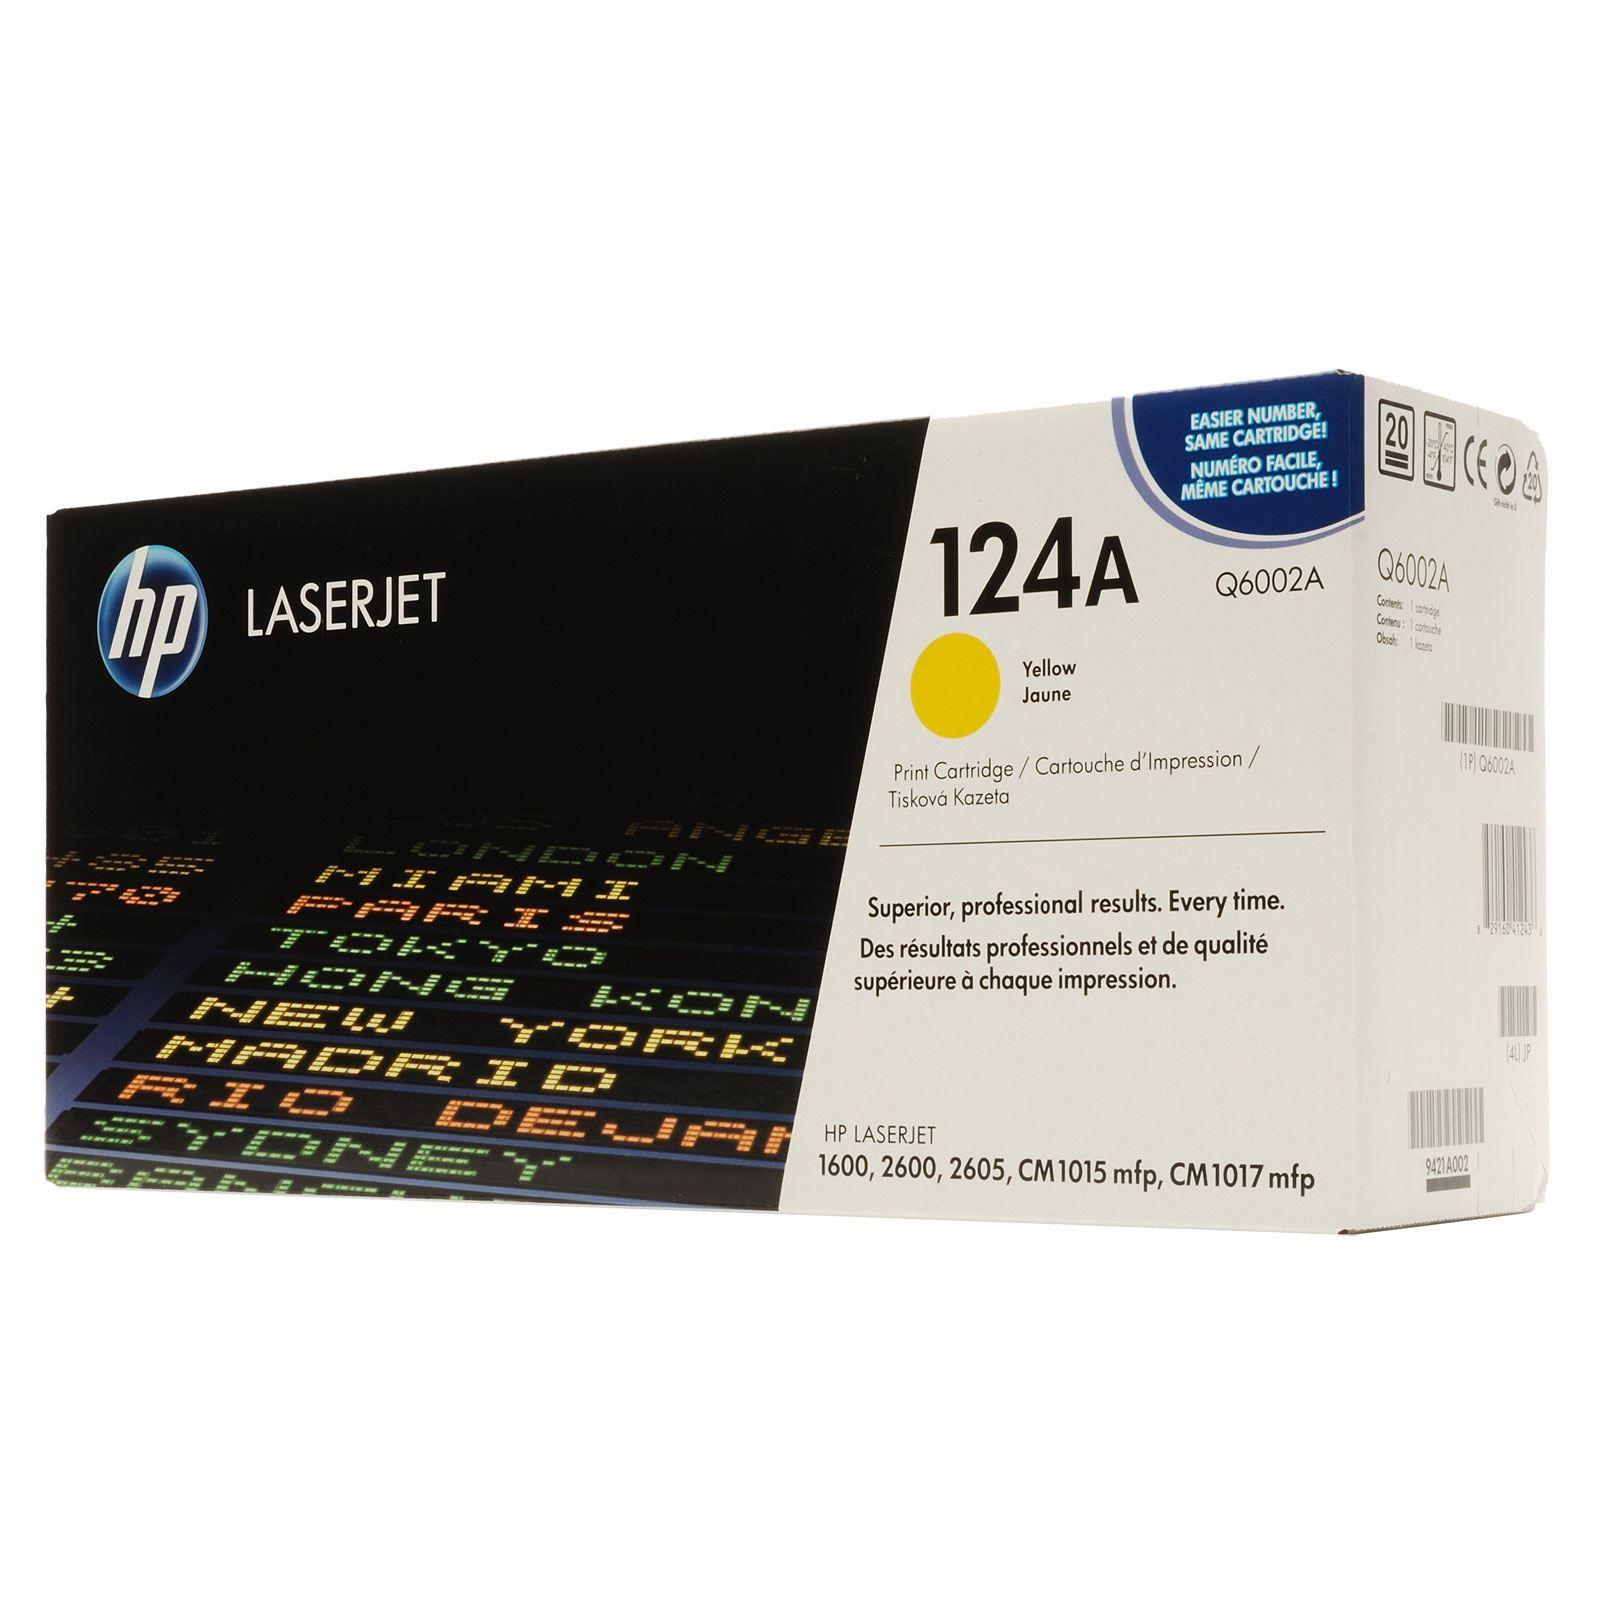 Toner LaserJet amarelo HP 124A  Original (Q6002A)